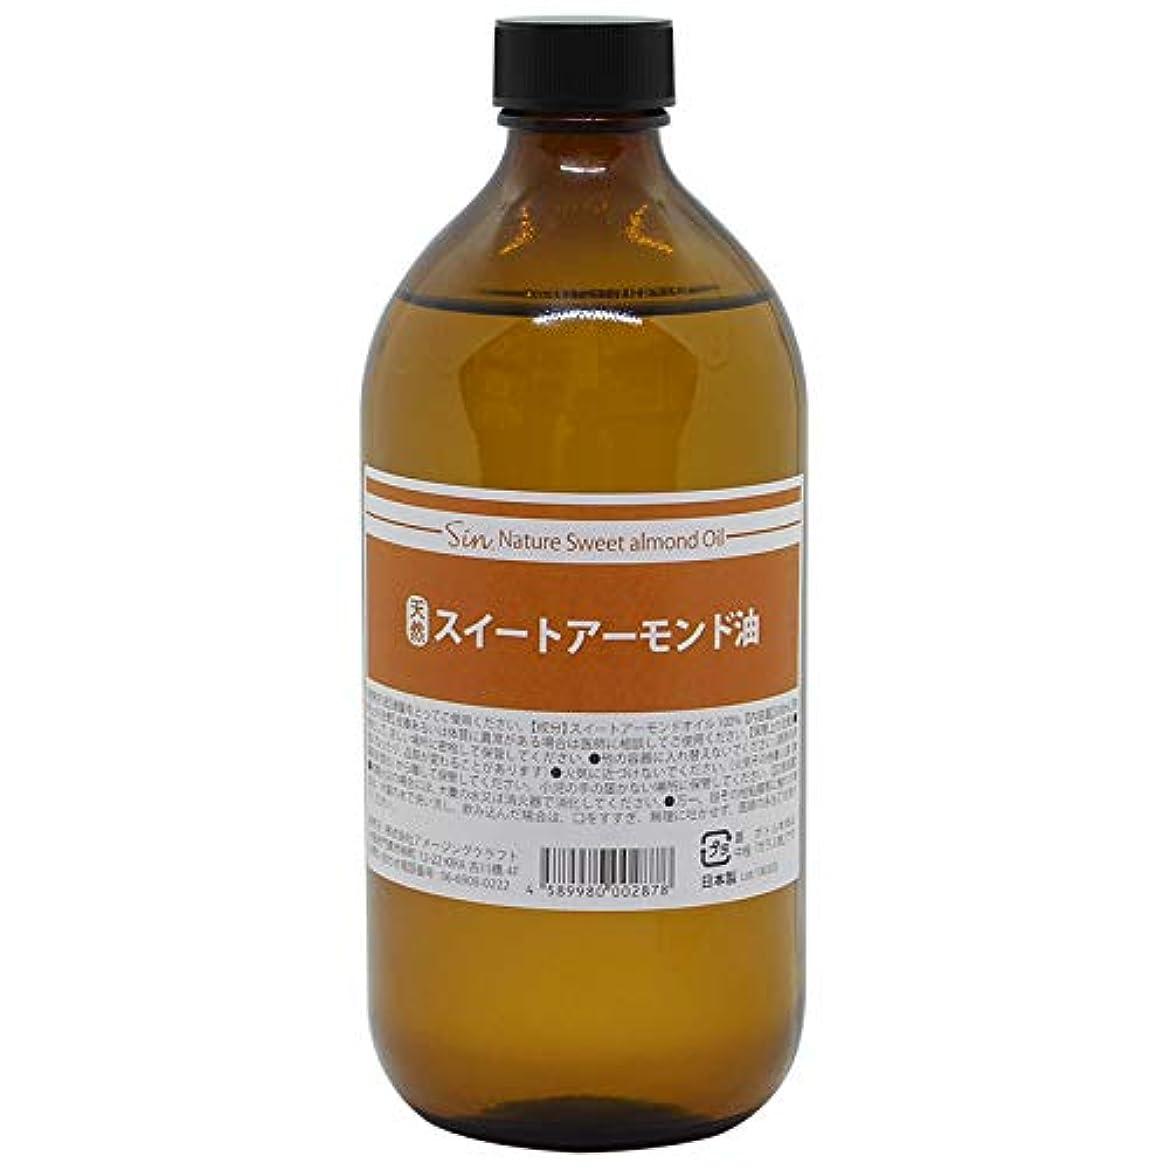 卵伝導旅行者天然無添加 国内精製 スイートアーモンドオイル 500ml キャリアオイル